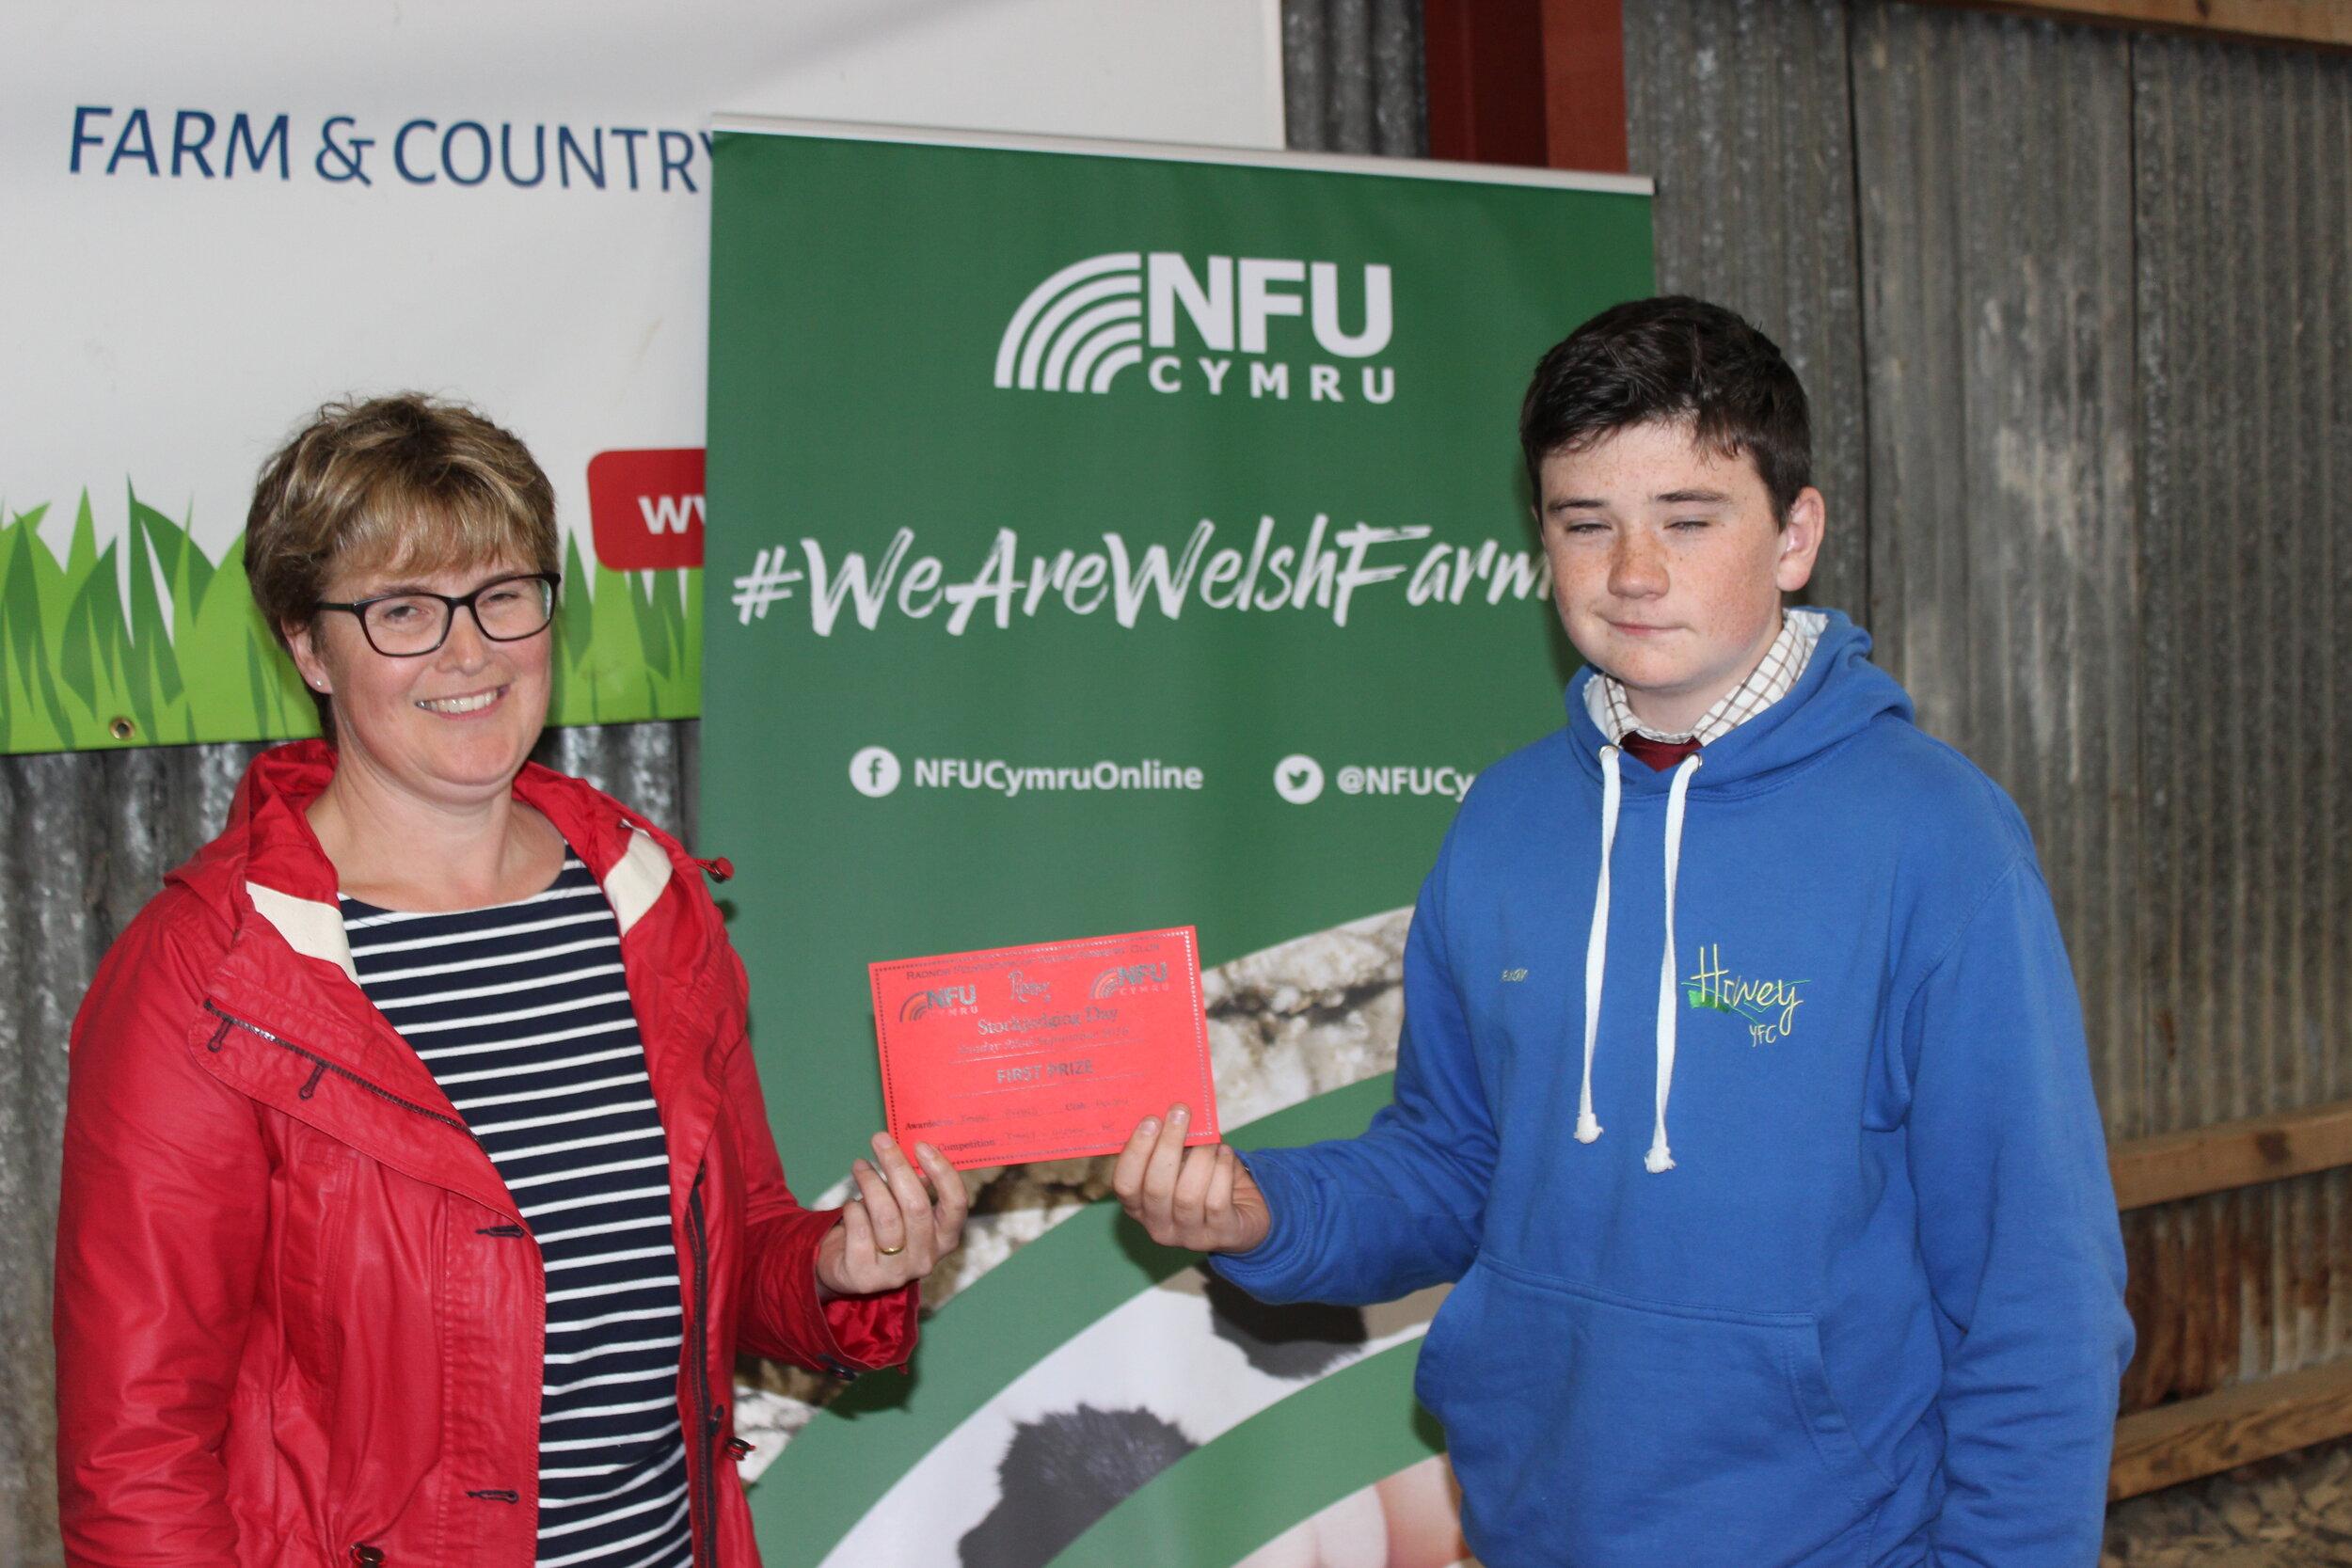 Ieuan Evans, Howey YFC - 1st place in the Junior Beef with Amanda Watson.